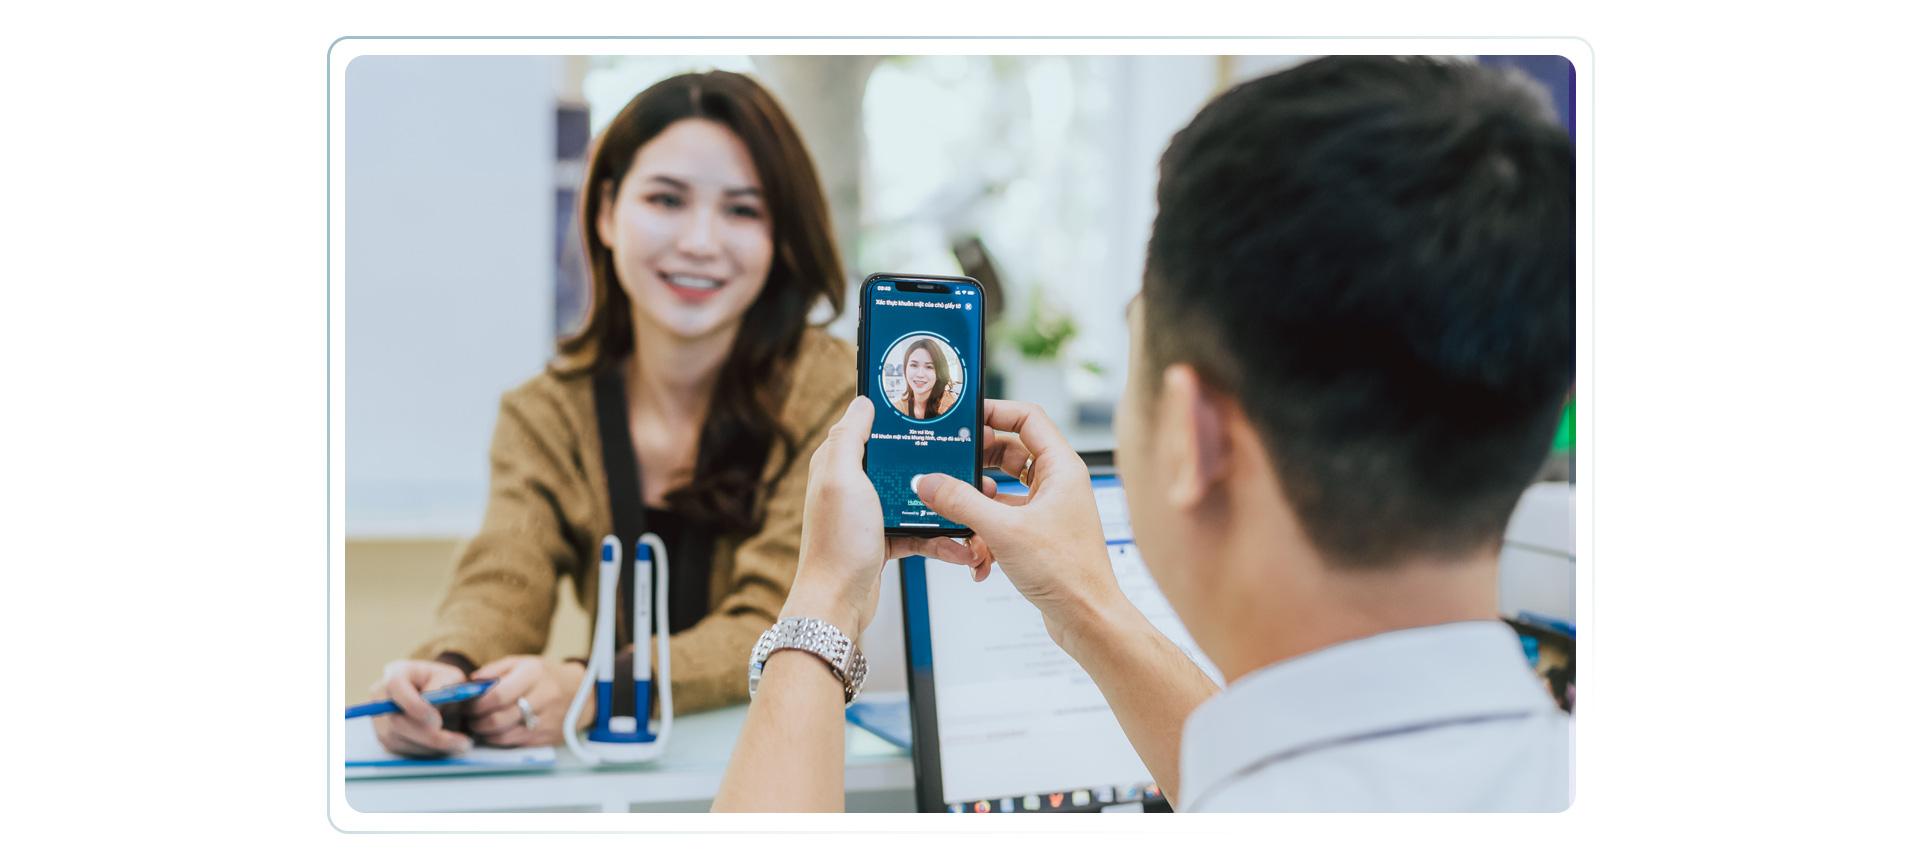 Thúc đẩy kinh tế số bằng nền tảng công nghệ Việt - Ảnh 10.